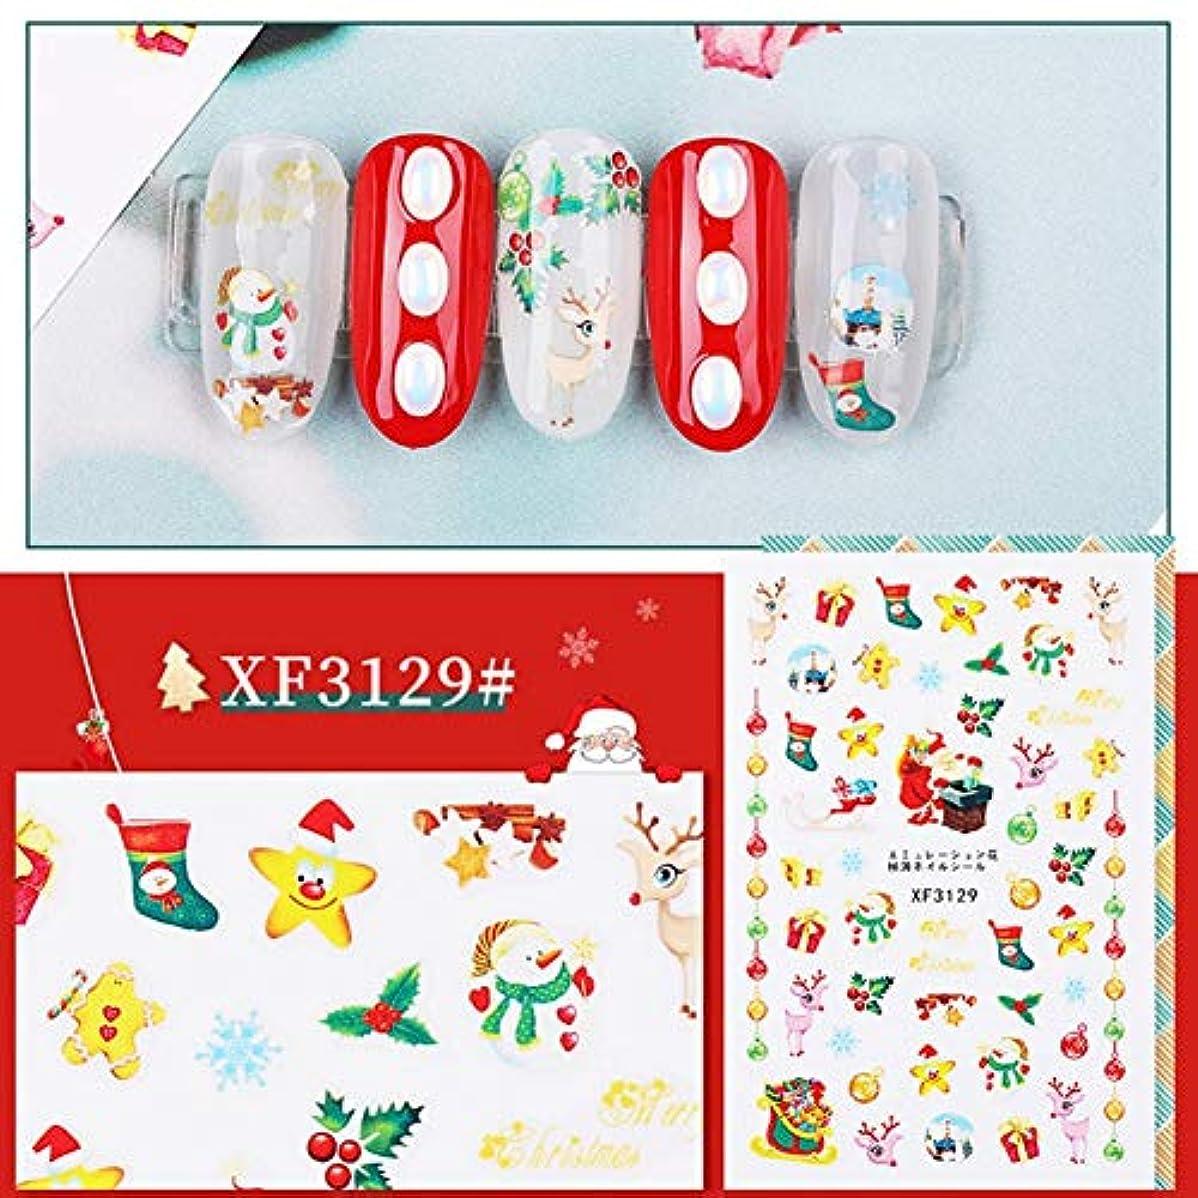 免疫鍔アジア人Lucoss クリスマスネイルステッカー、防水かわいい漫画のパターン、自己接着DIYネイルアップリケクラフトの装飾